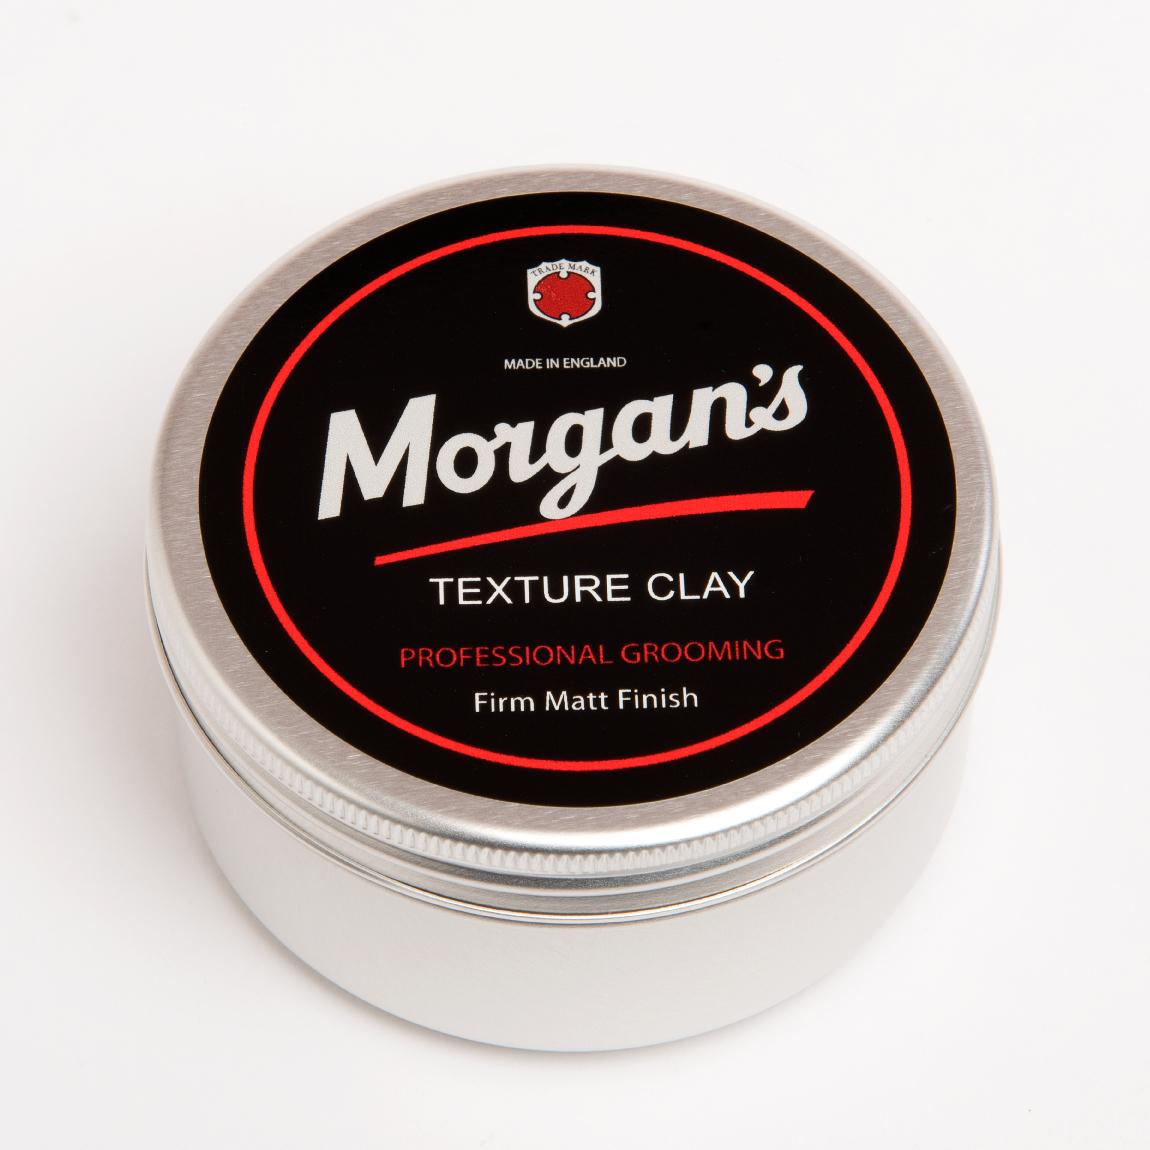 100ml-Texture-Clay.jpg